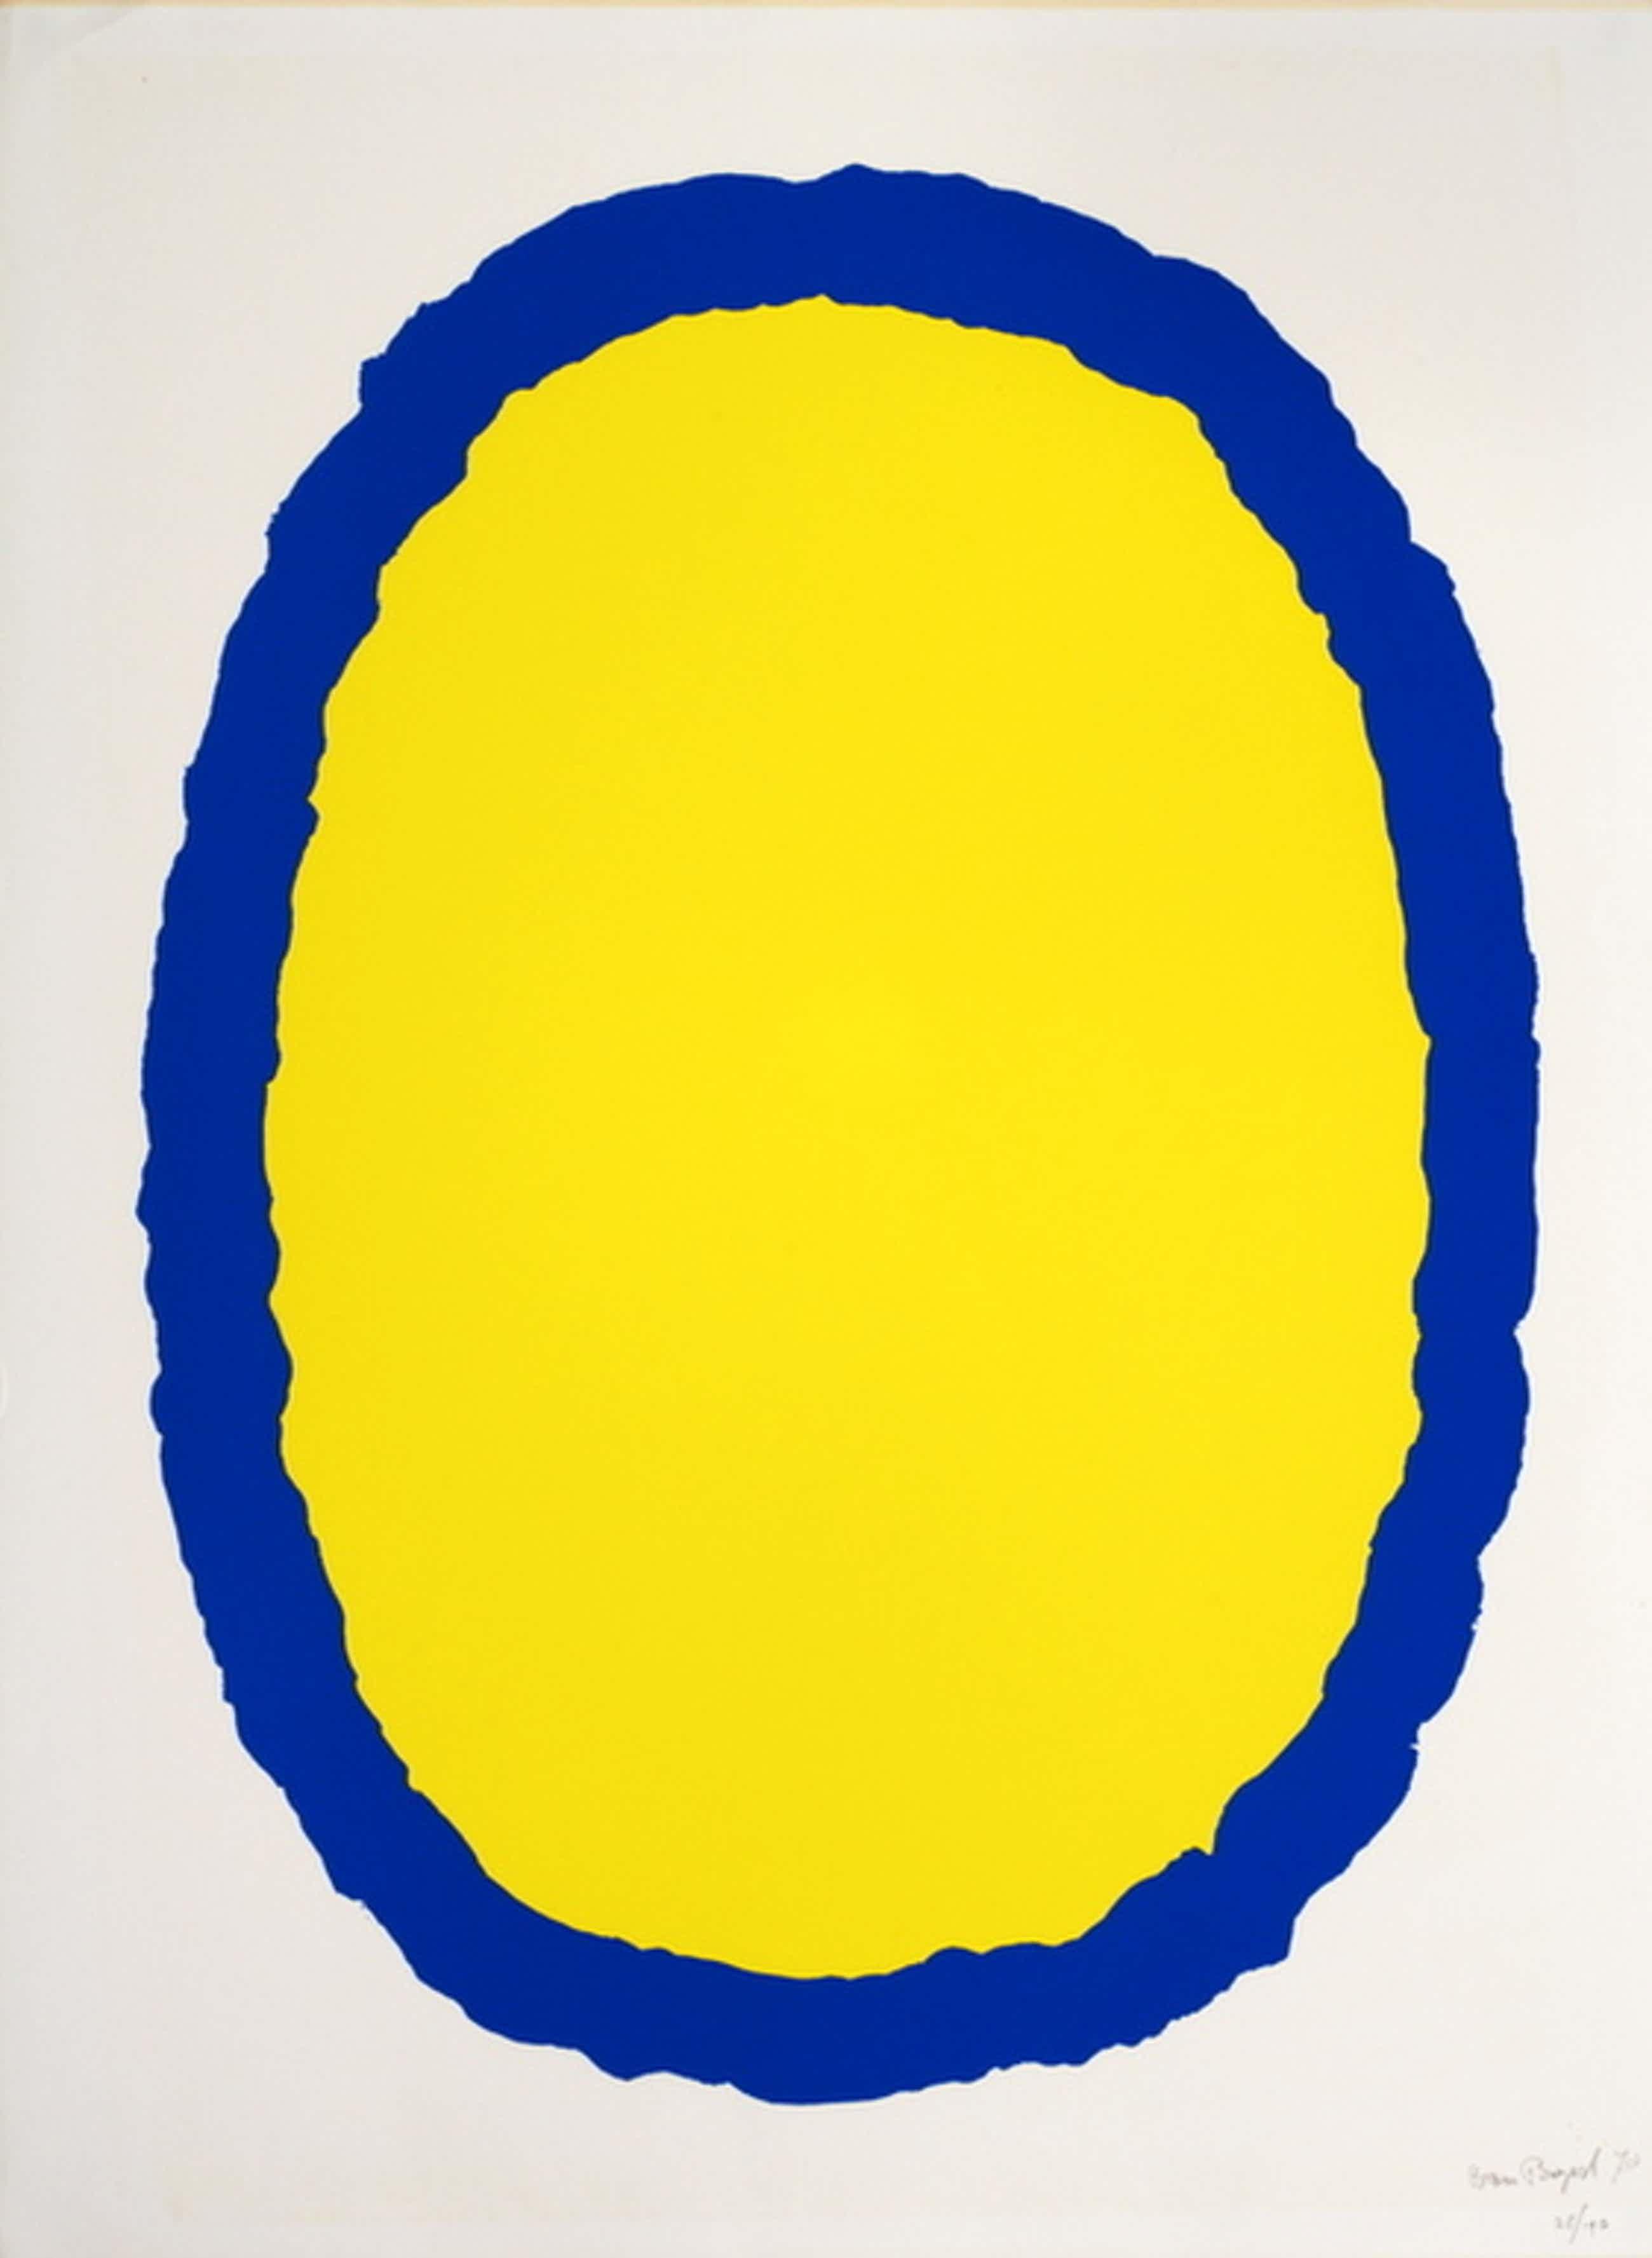 Bram Bogart - Geel blauw - Handgesigneerde litho - oplage 190 ex. - 1978  kopen? Bied vanaf 450!